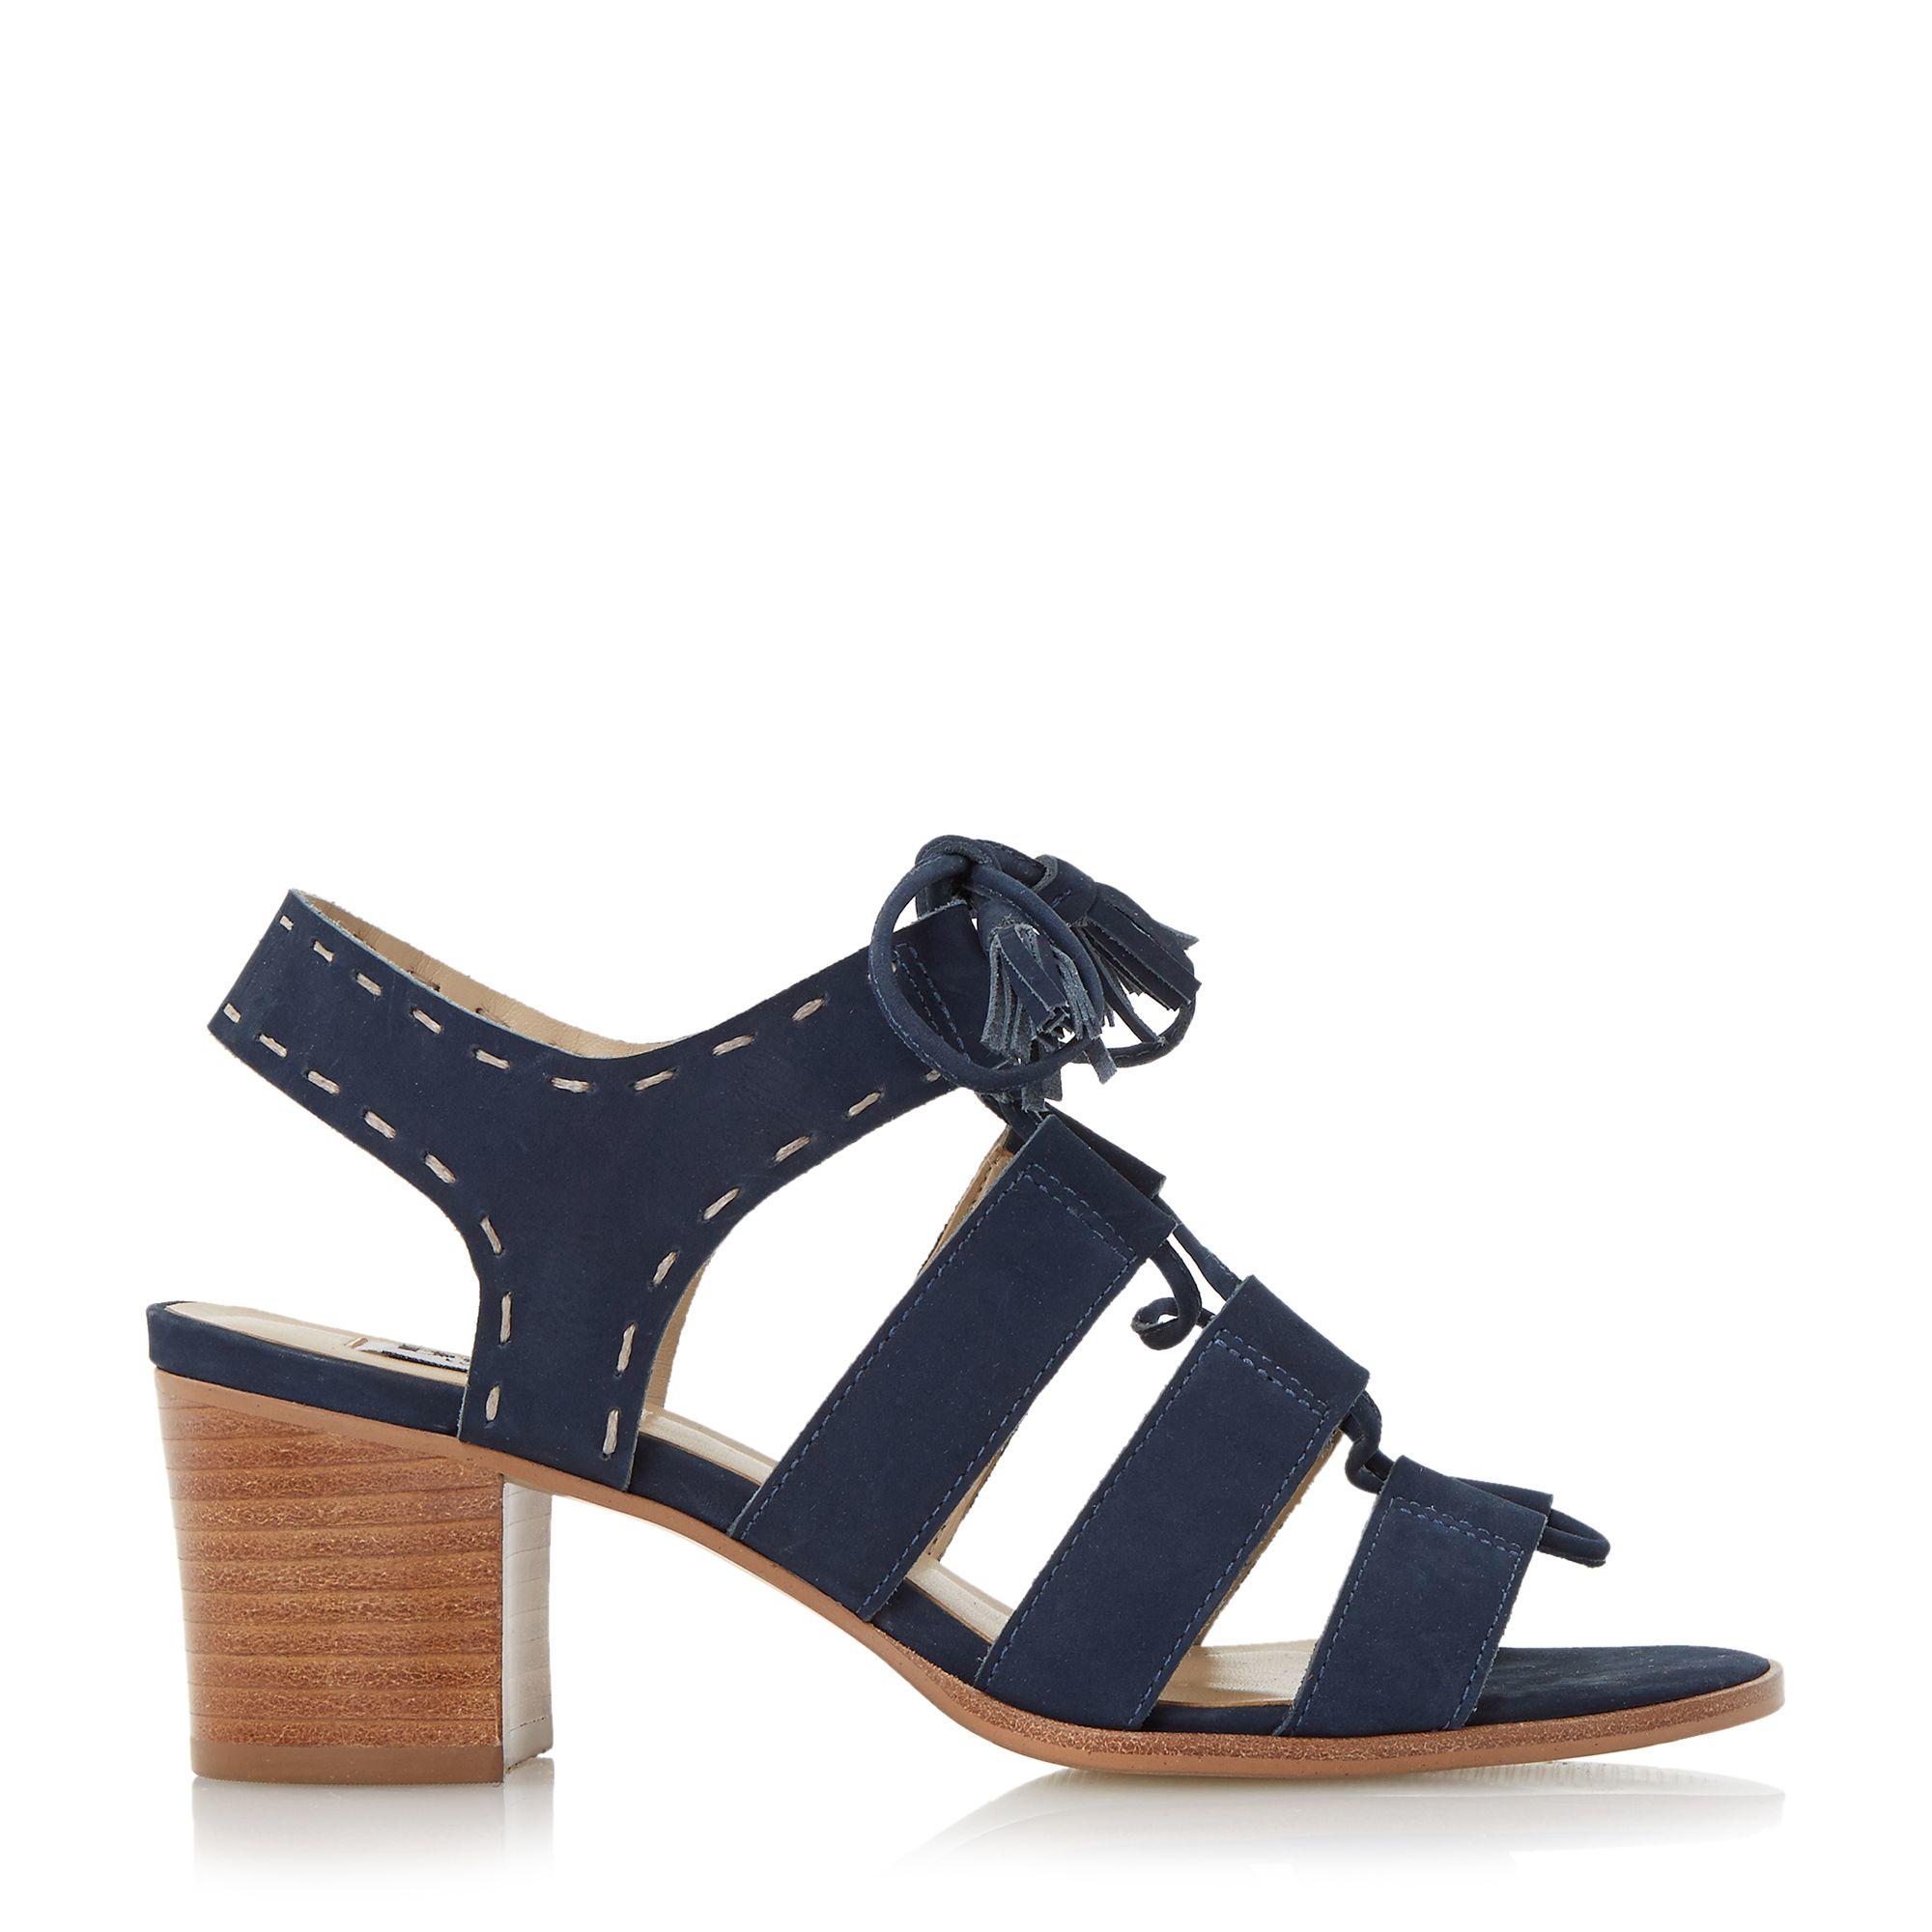 Navy Blue Sandals With Heels - Is Heel